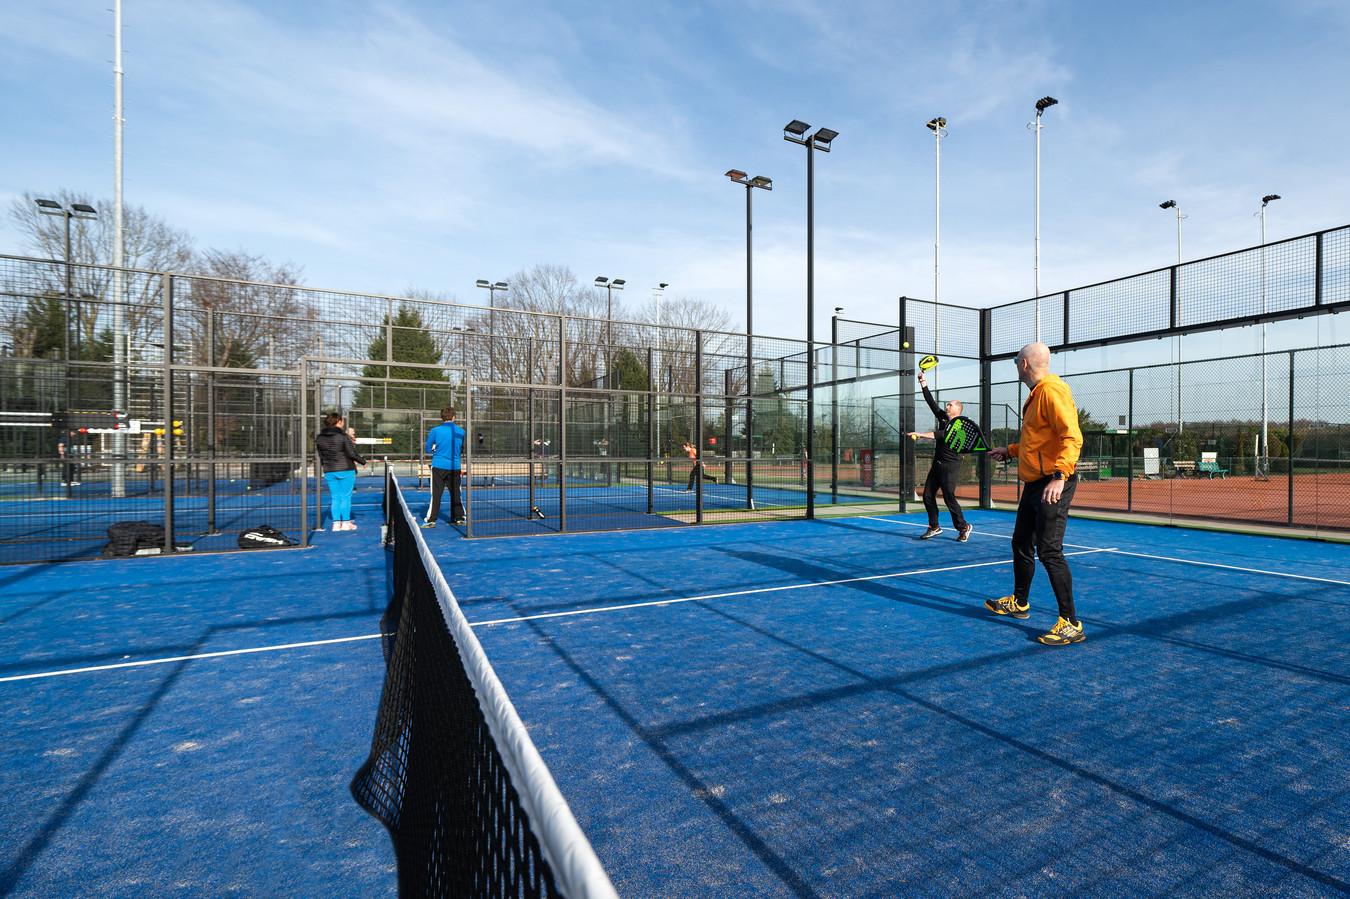 Enkele leden van de Gemertse Lawn Tennisvereniging spelen  een partijtje padel op een accommodatie in Mariaheide.